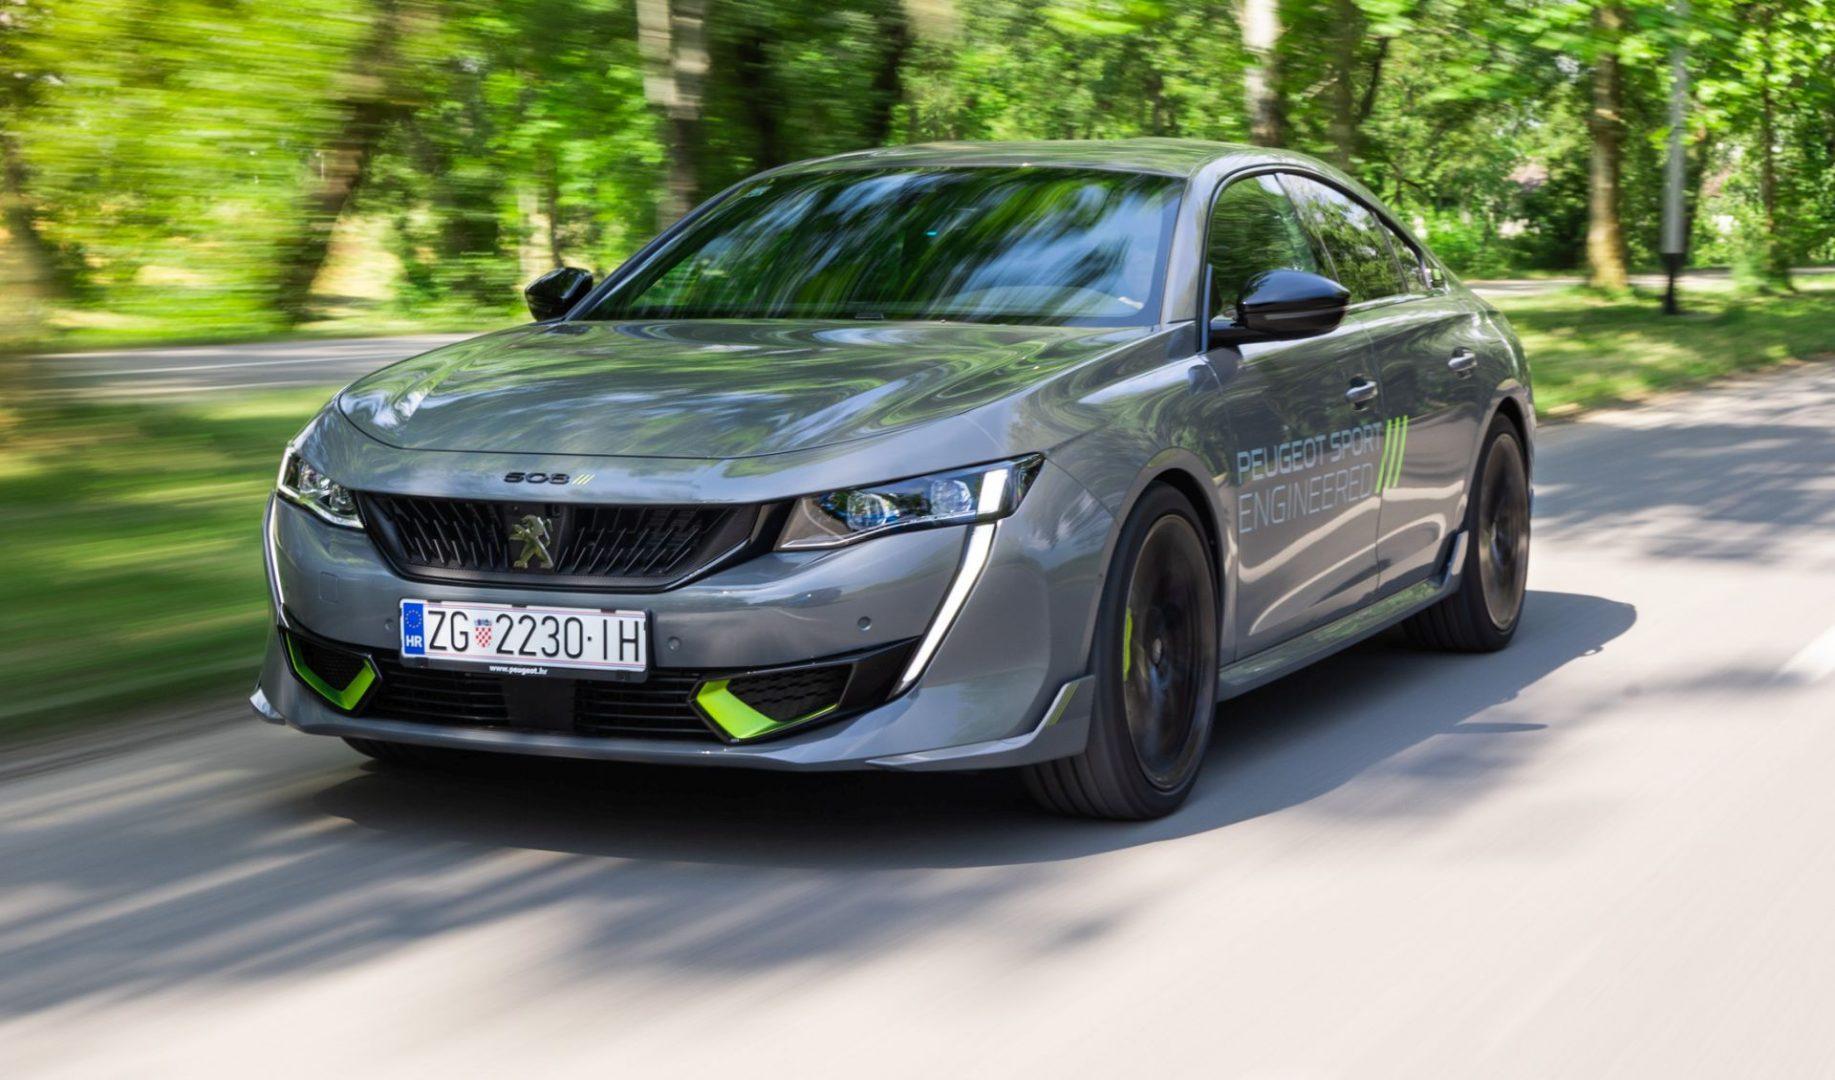 70 % modela Peugeota već elektrificirano, a do kraja godine stižu i dvije izvedbe modela 308 plug-in hibrid